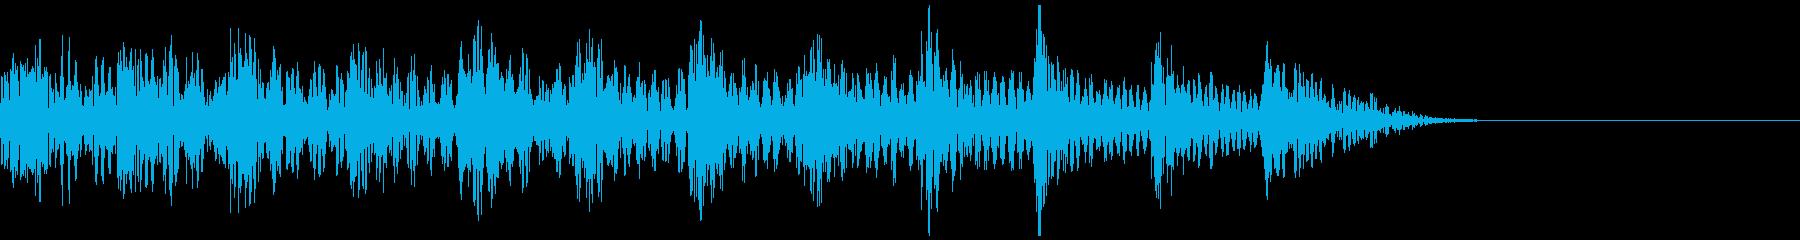 テレビ番組・動画テロップ・汎用UI音rの再生済みの波形